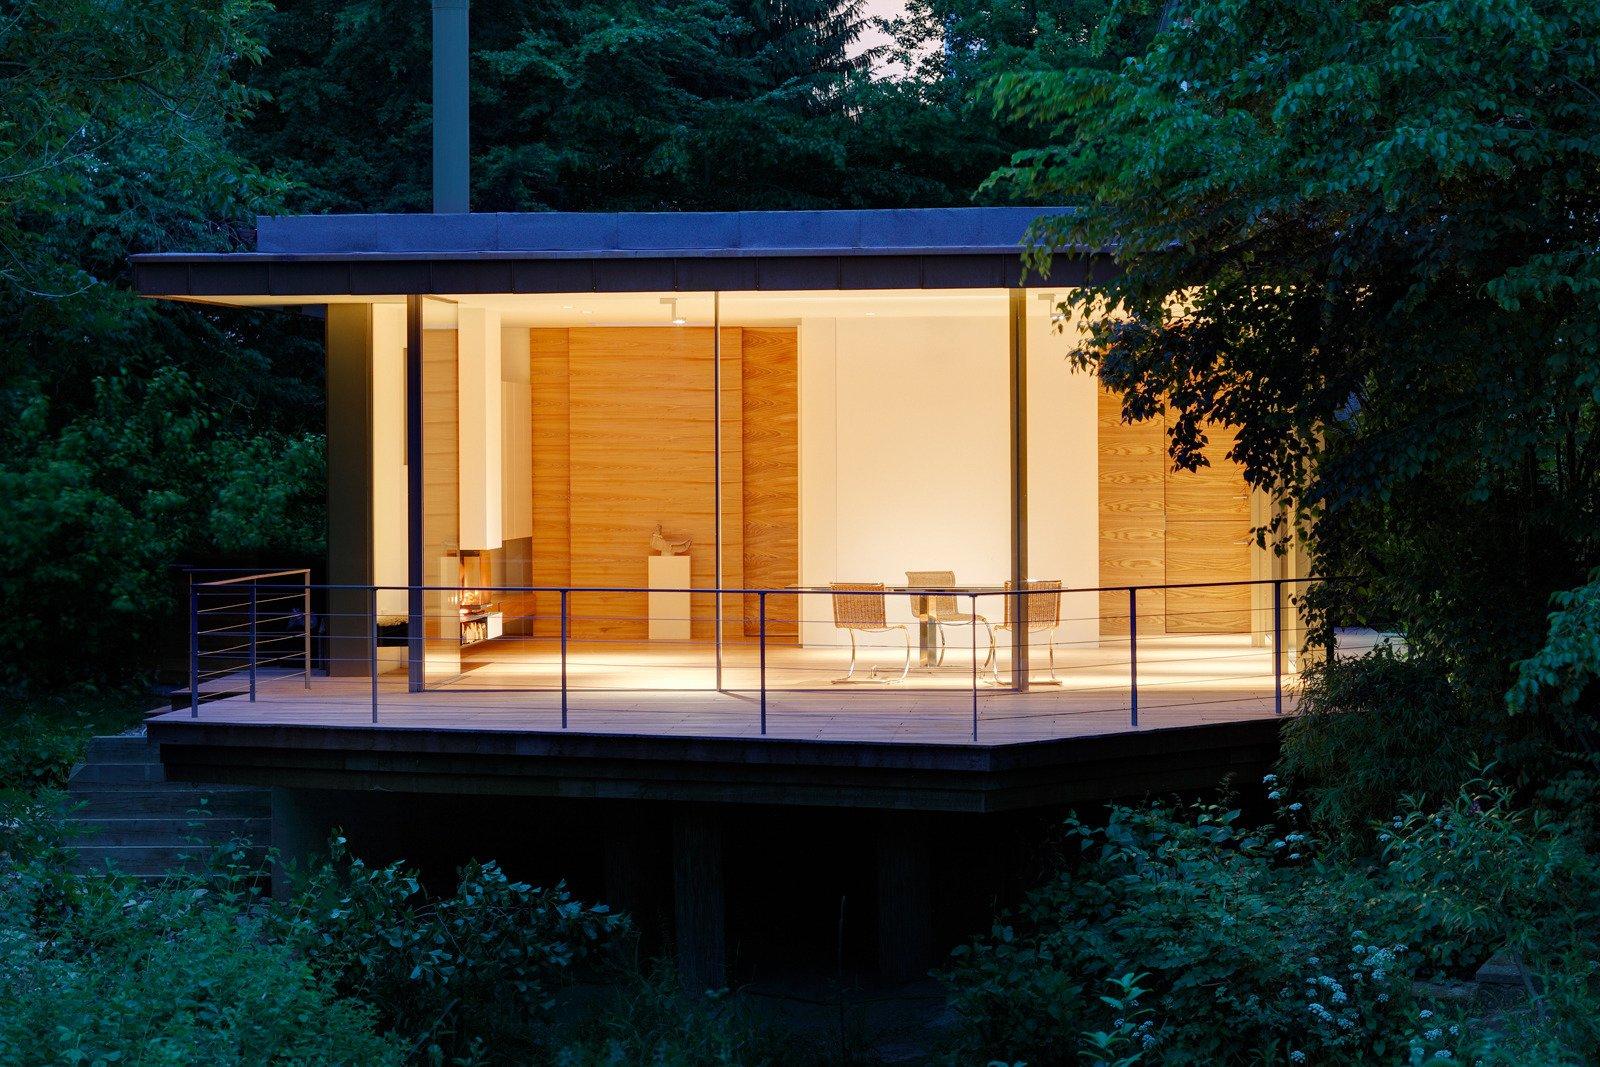 Photo 6 of 6 in House Rheder II by Falkenberg Innenarchitektur